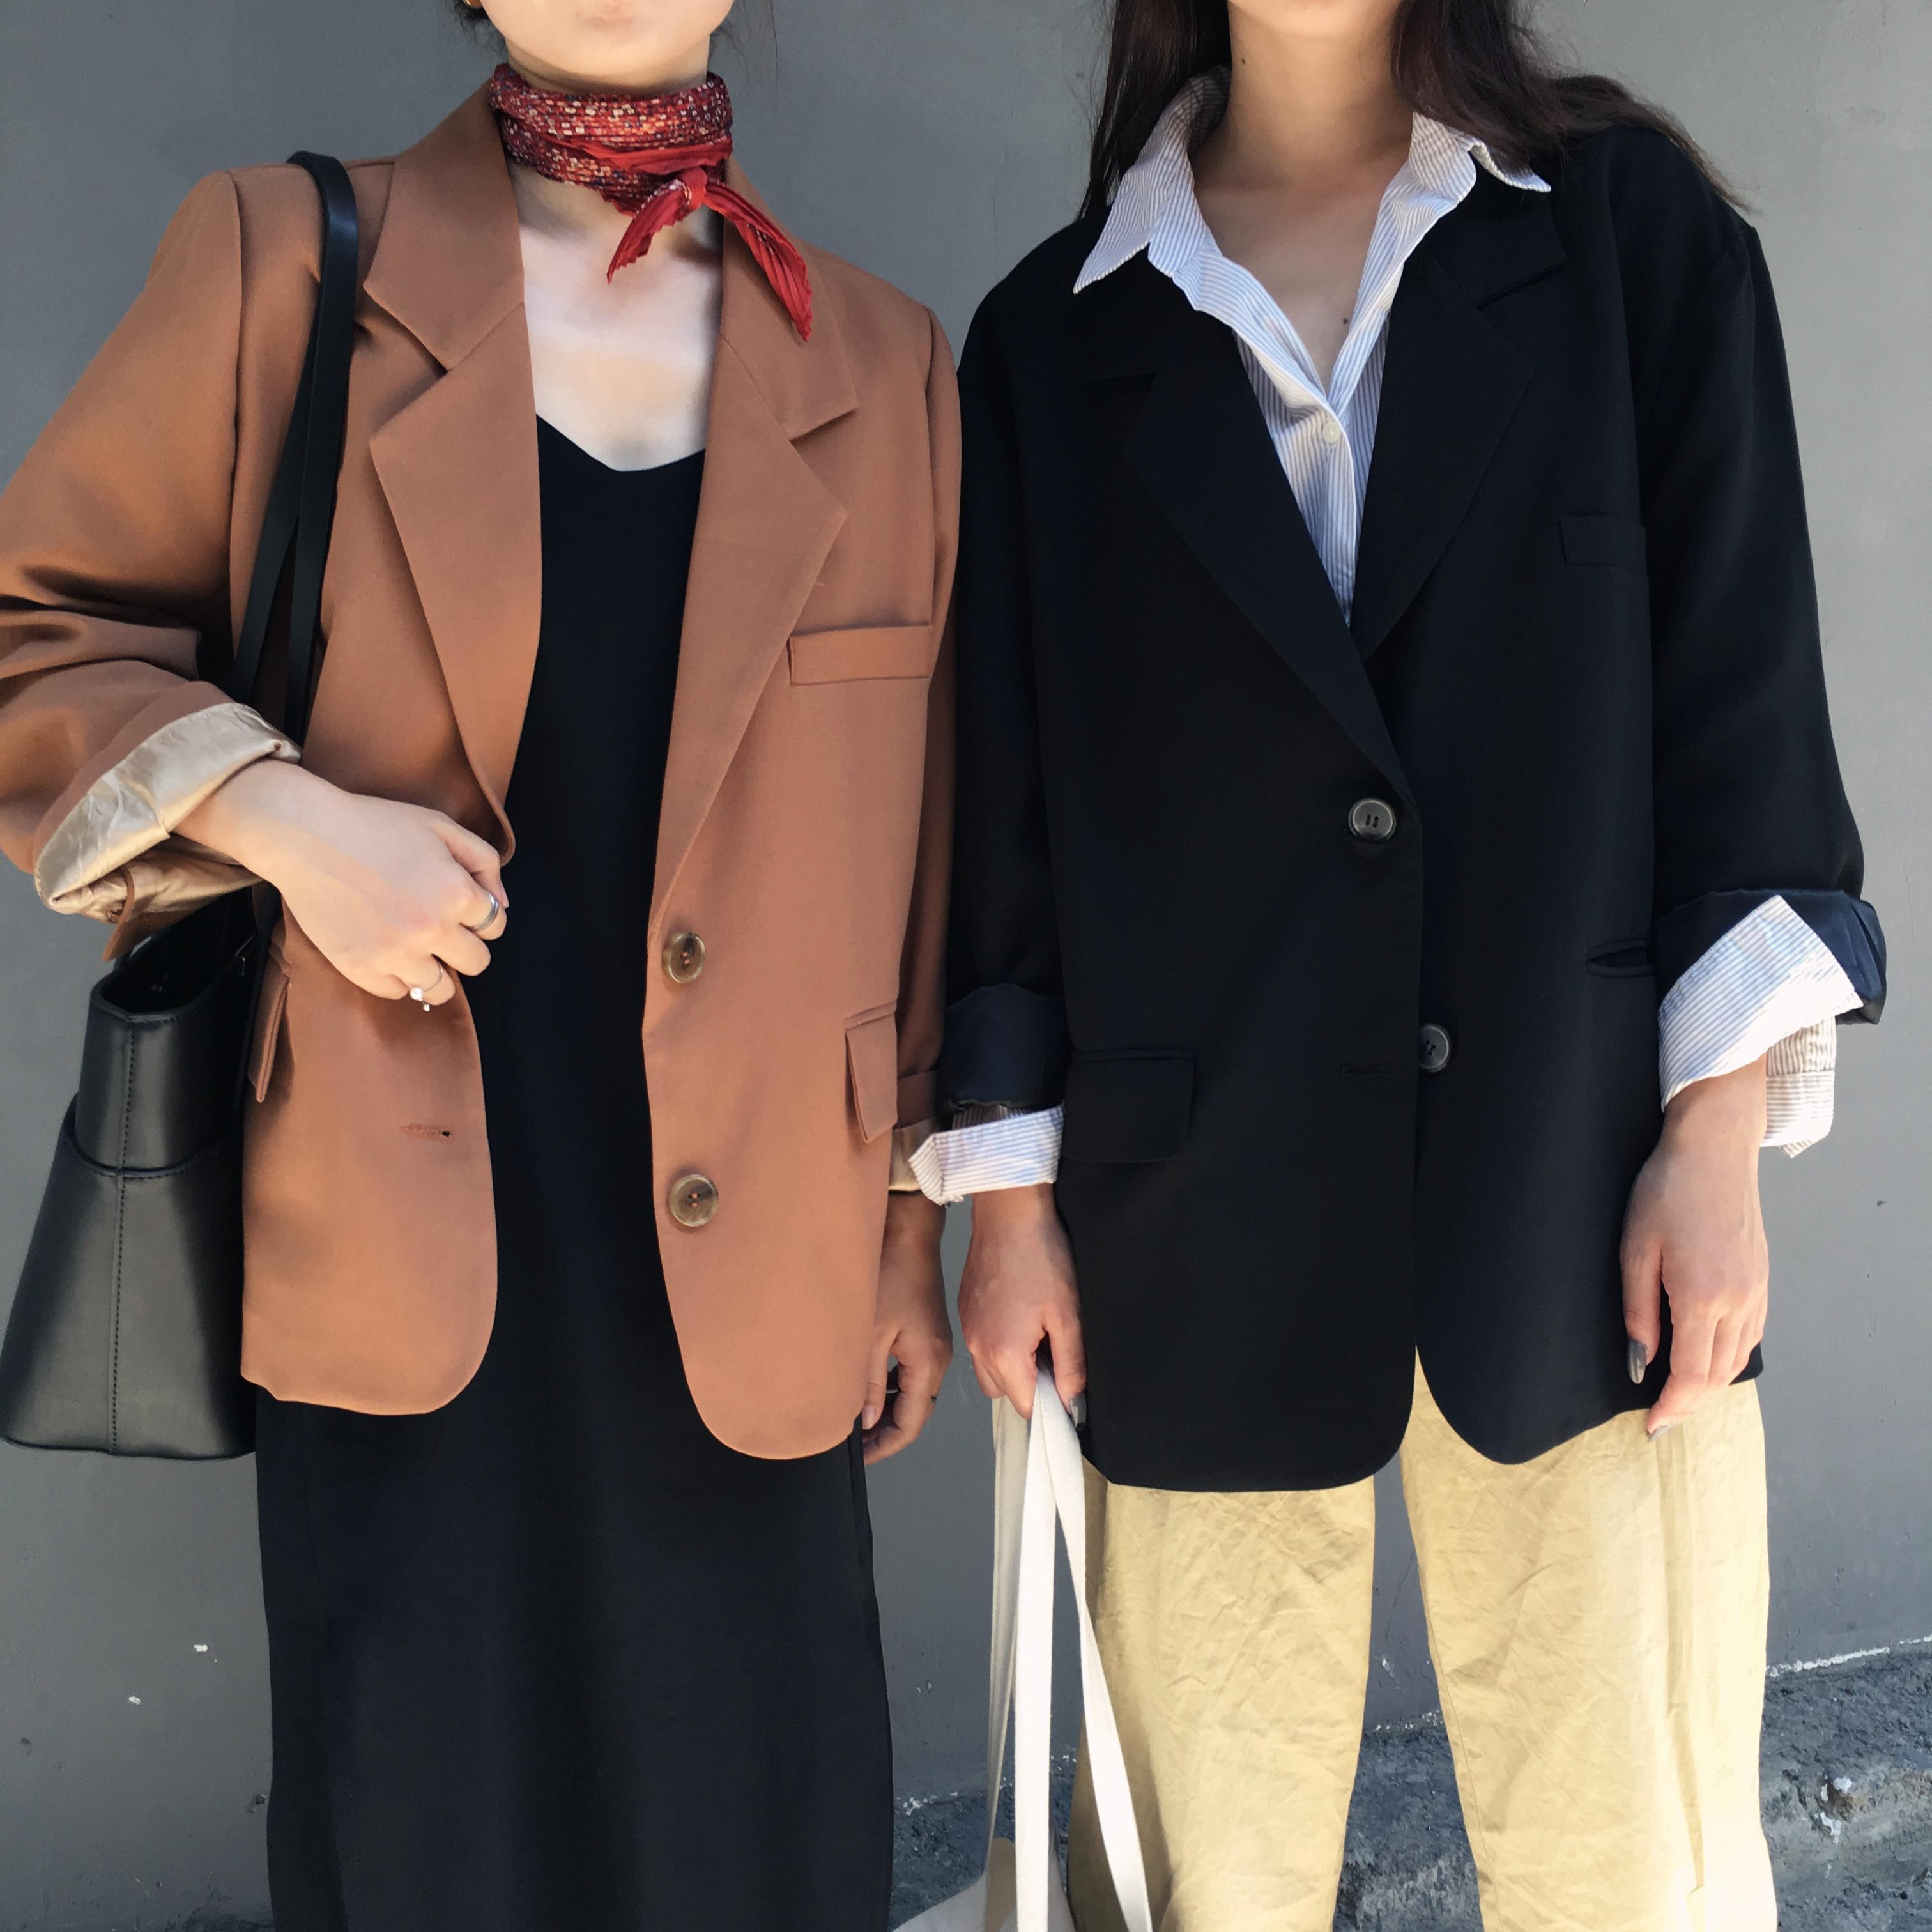 Осень новый ретро chic корейский моды отворот две пряжки небольшой свободный в моделье темперамент длинный рукав костюм пальто женщина